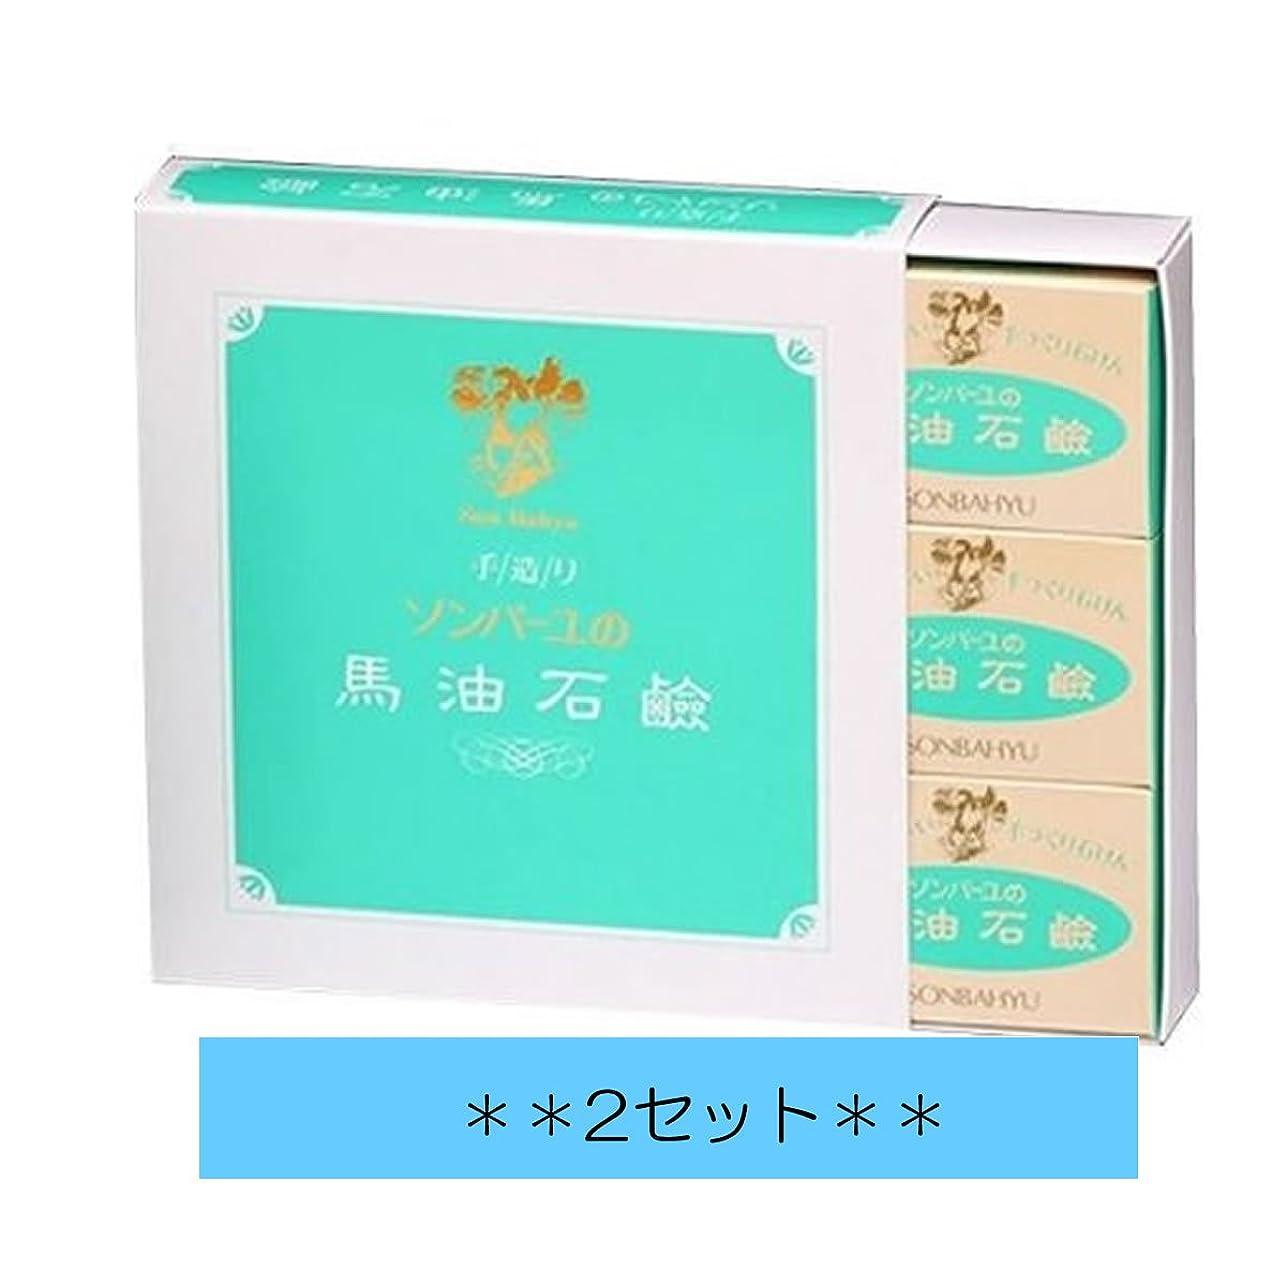 ペレグリネーションバング満たす【2箱セット】ソンバーユ石鹸 85g×6個